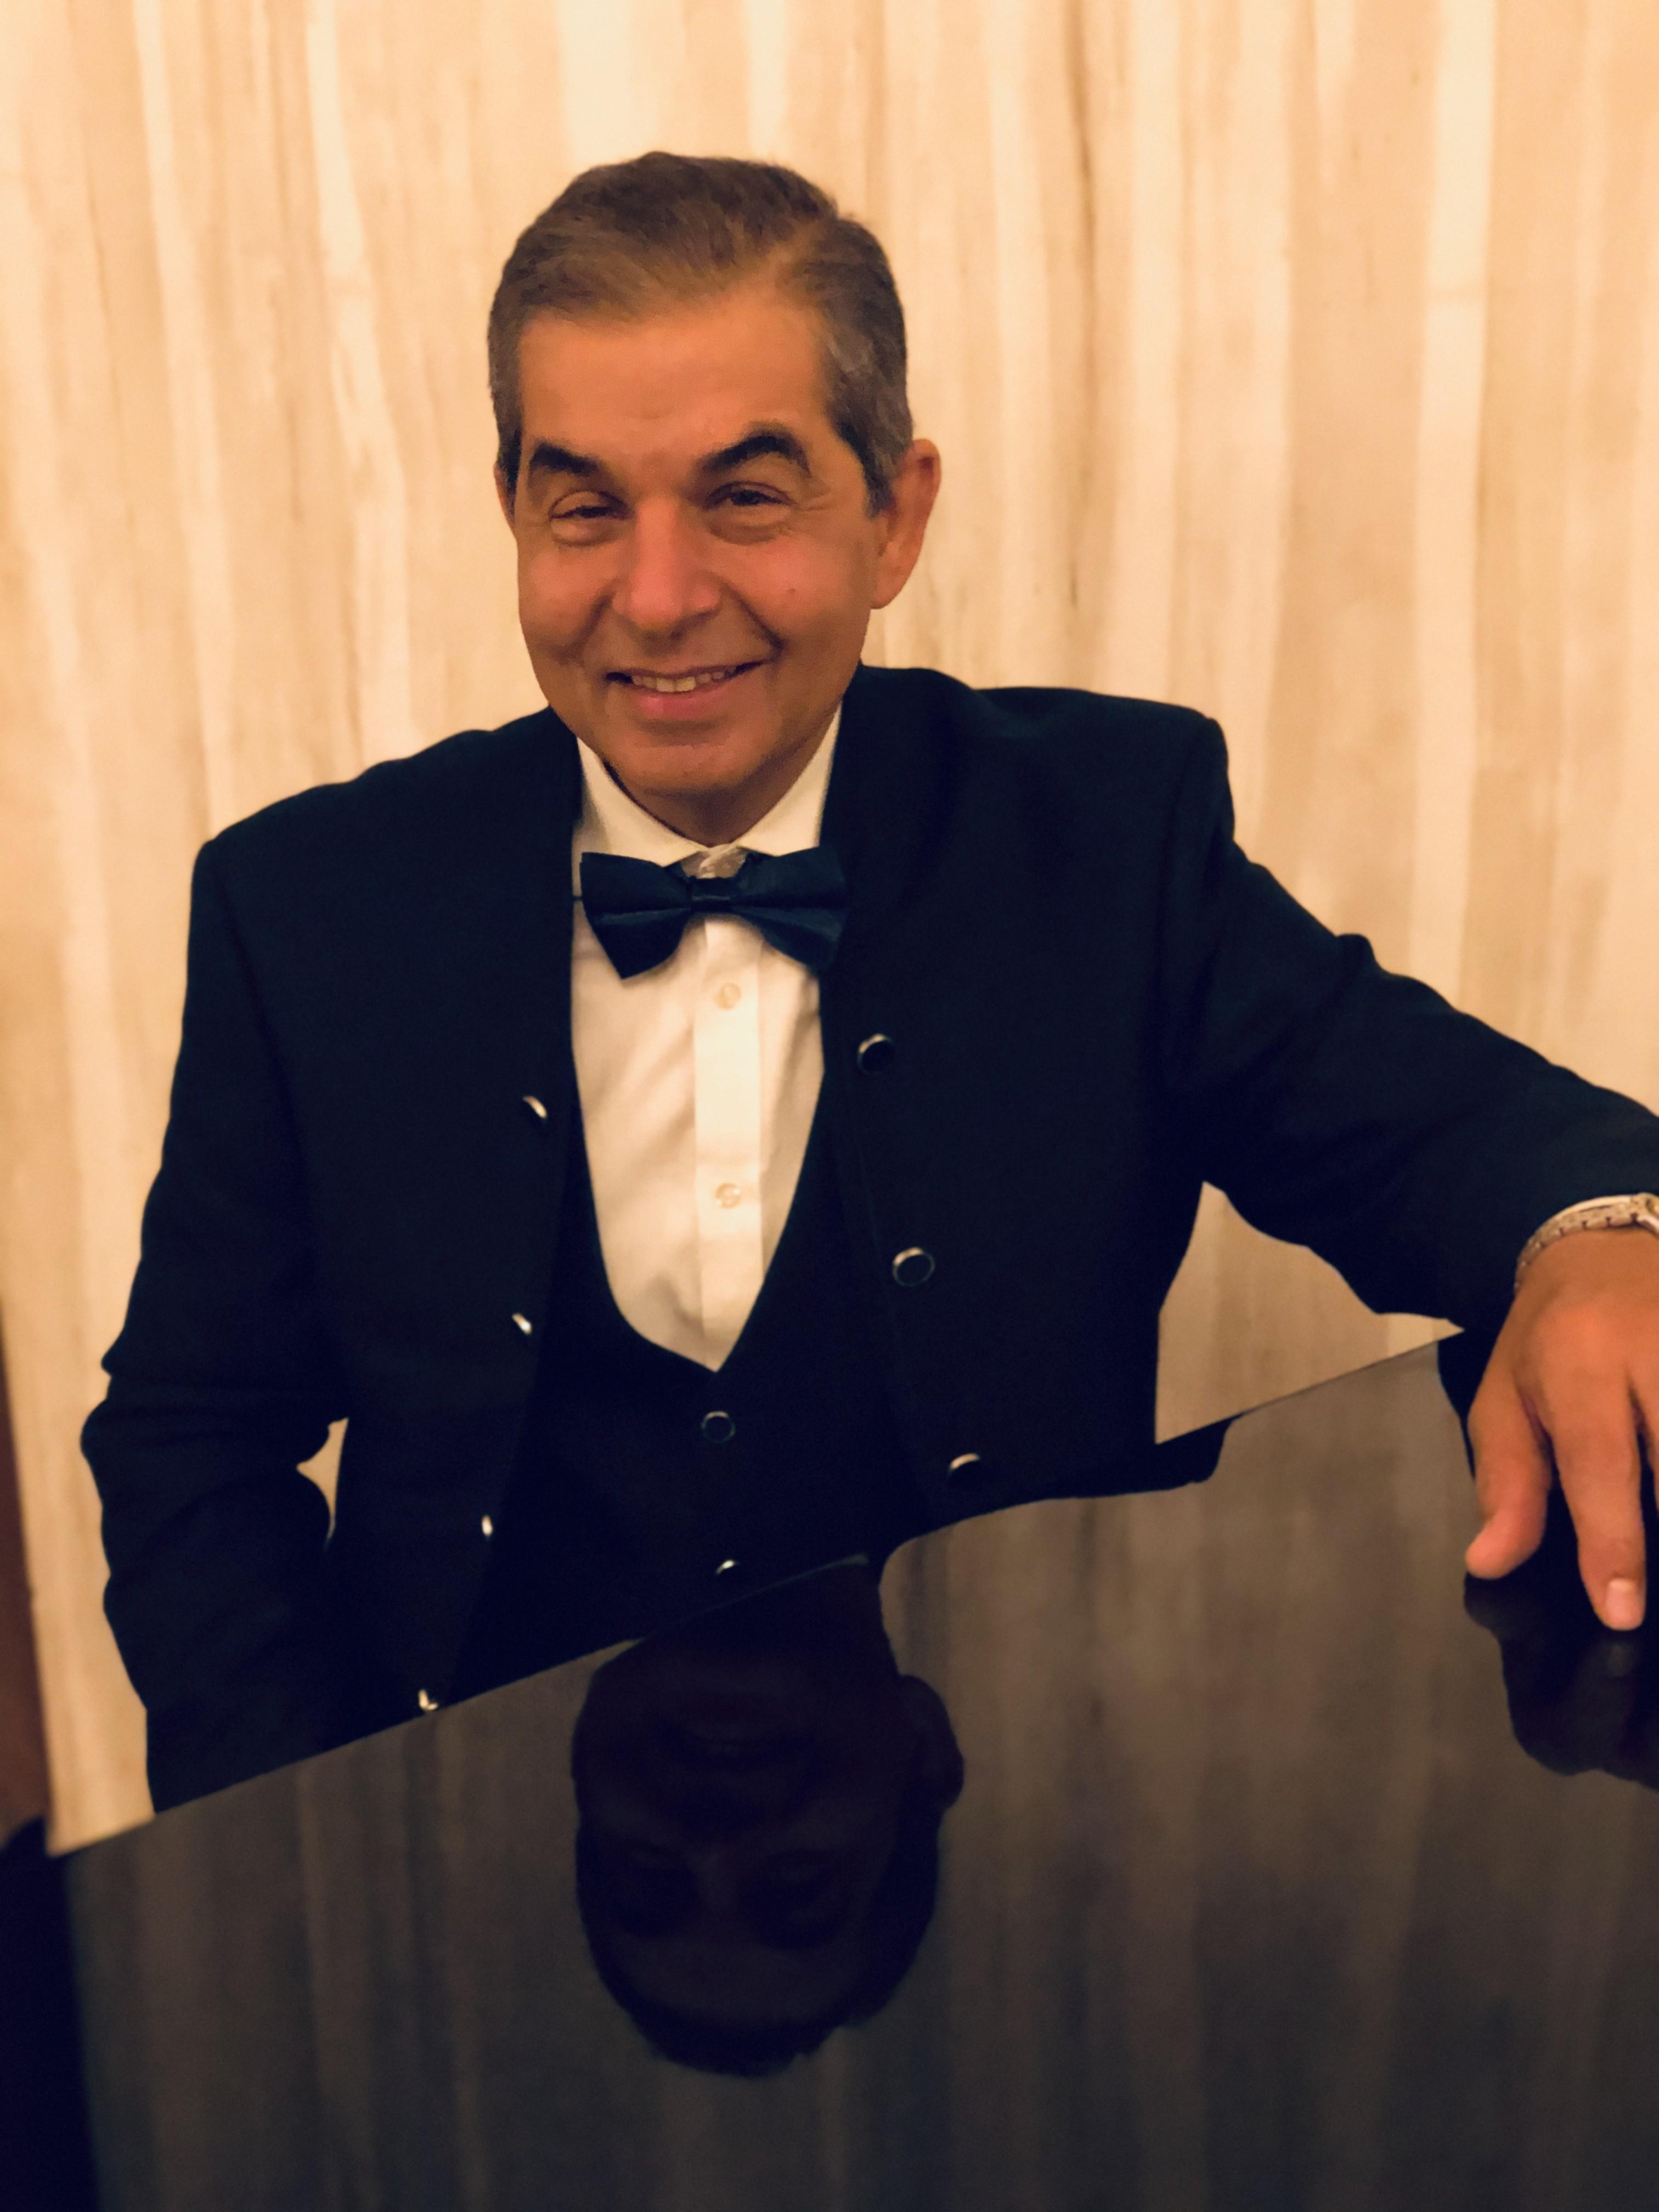 Die Wiener Barpianisten bei der Europäischen Kulturpreisgala in der Wiener Staatsoper